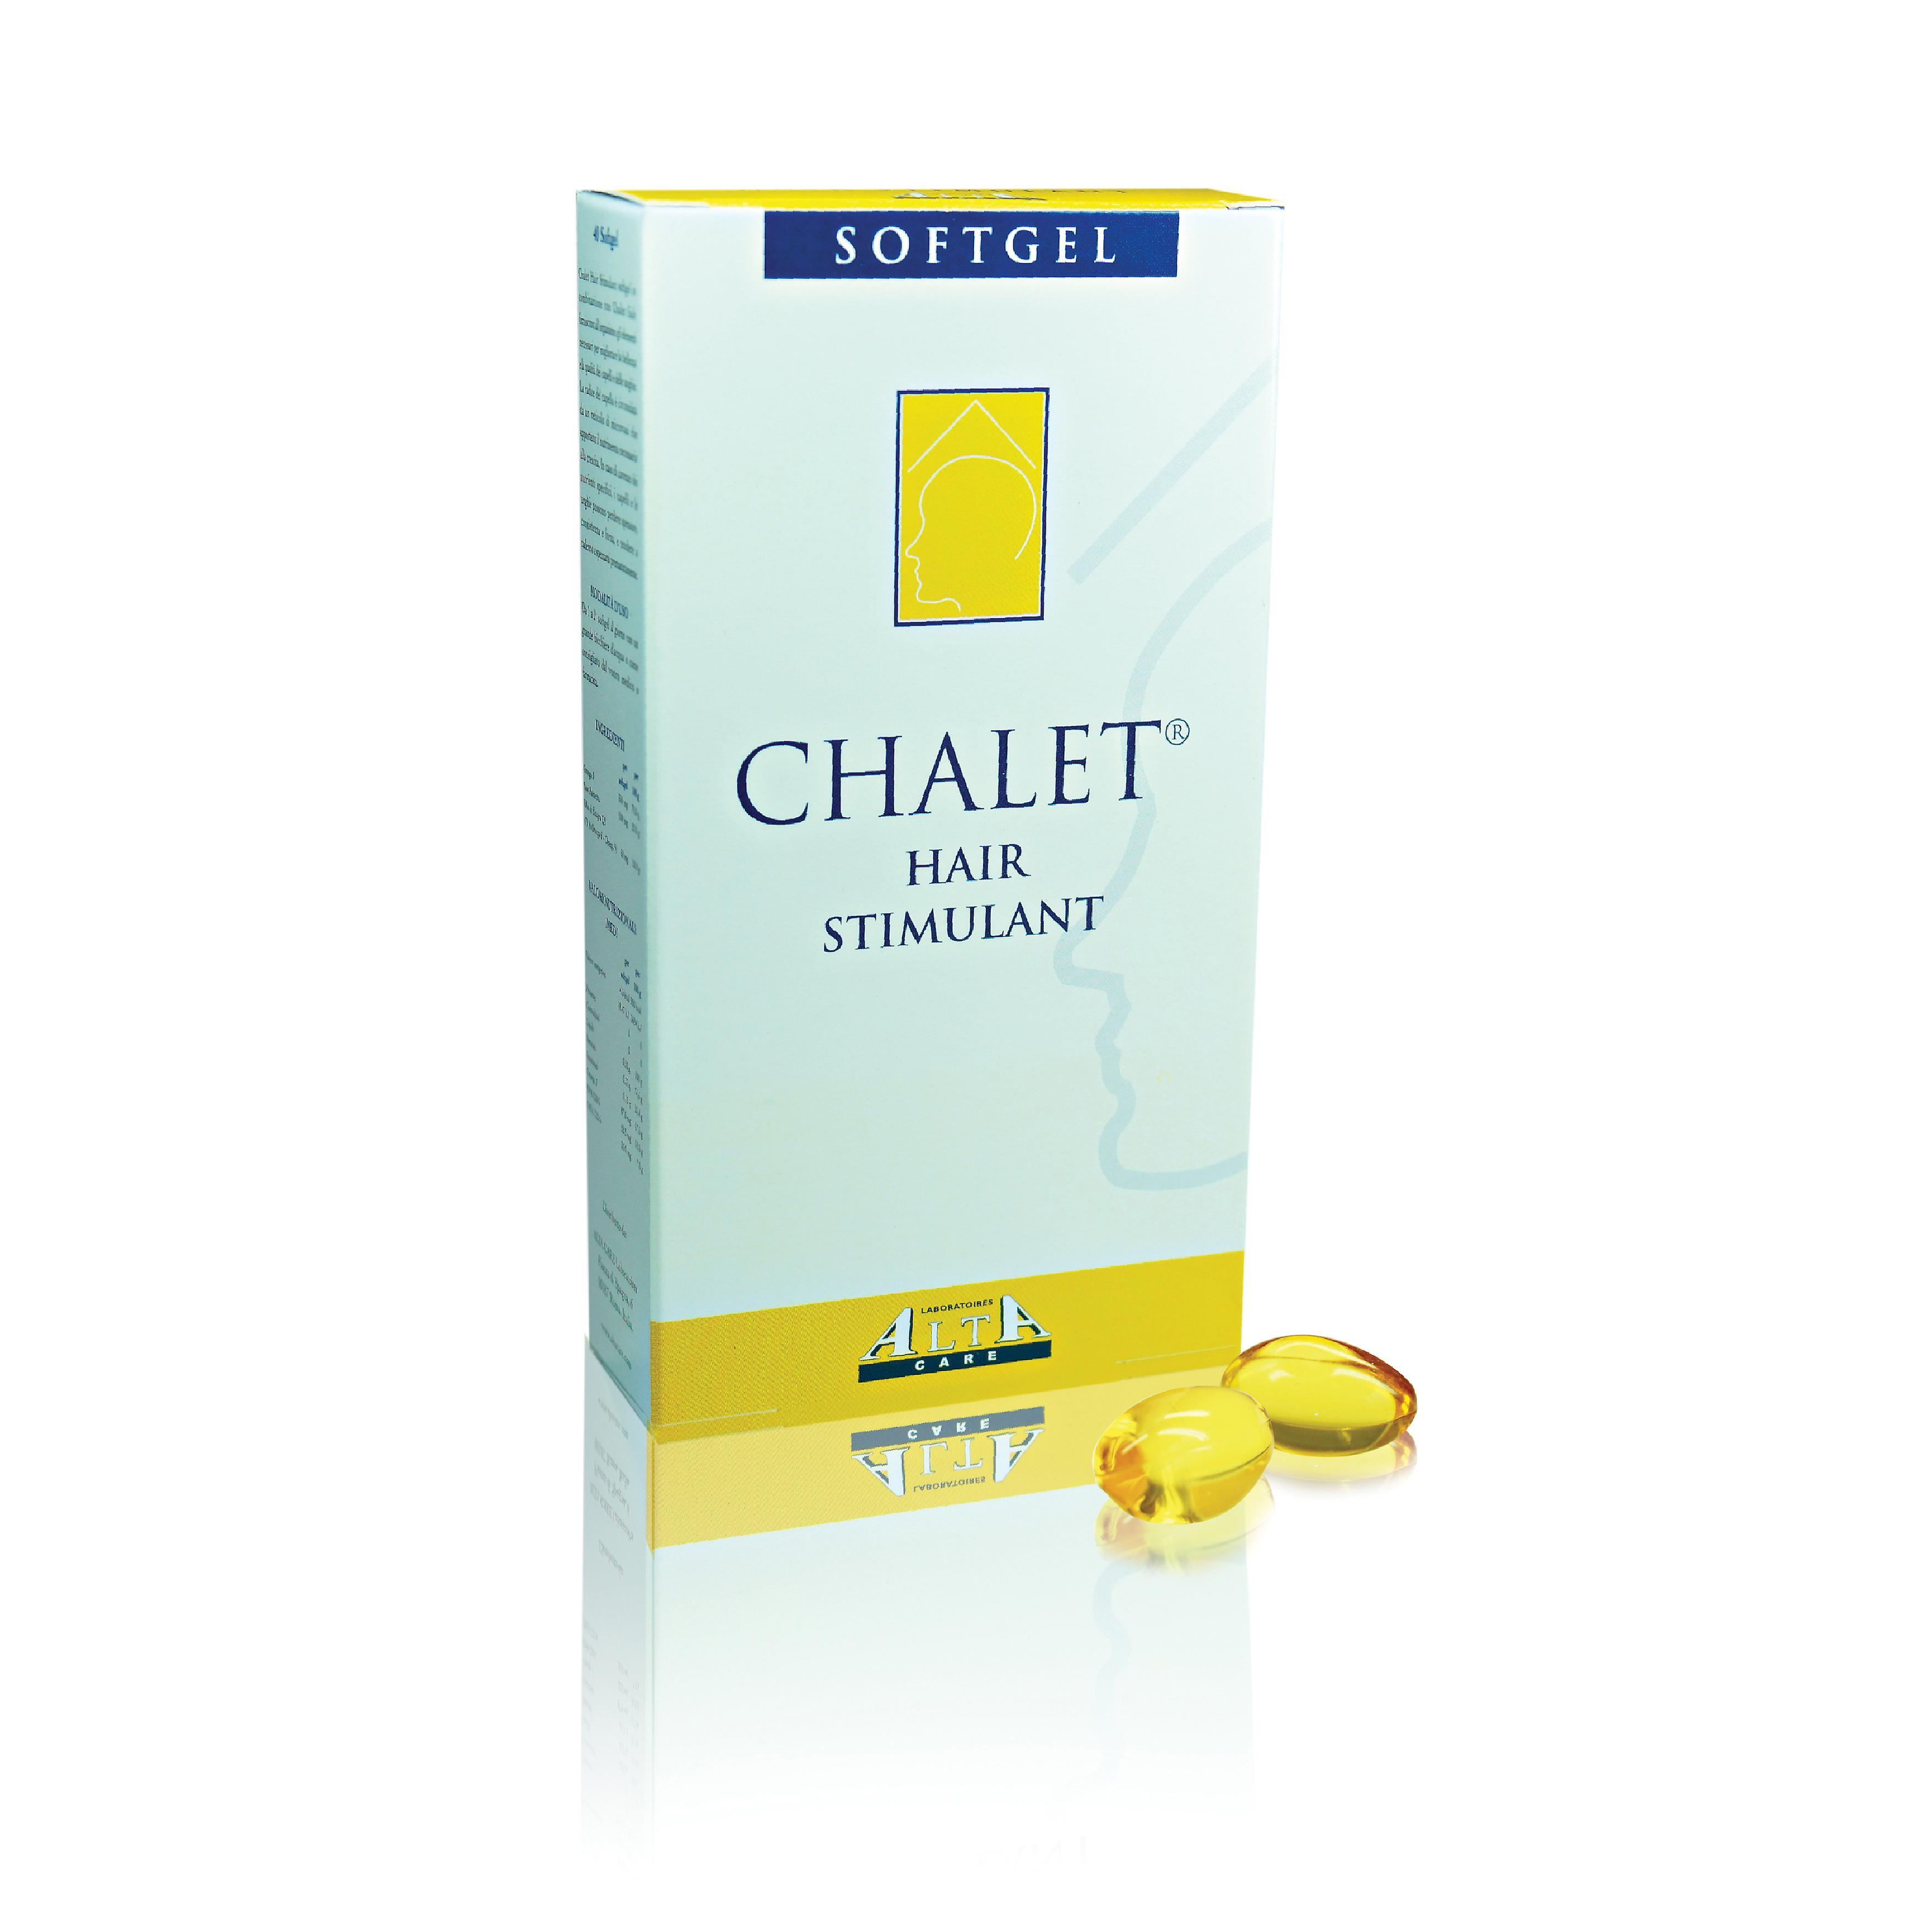 Chalet Hair Stimulant Softgels